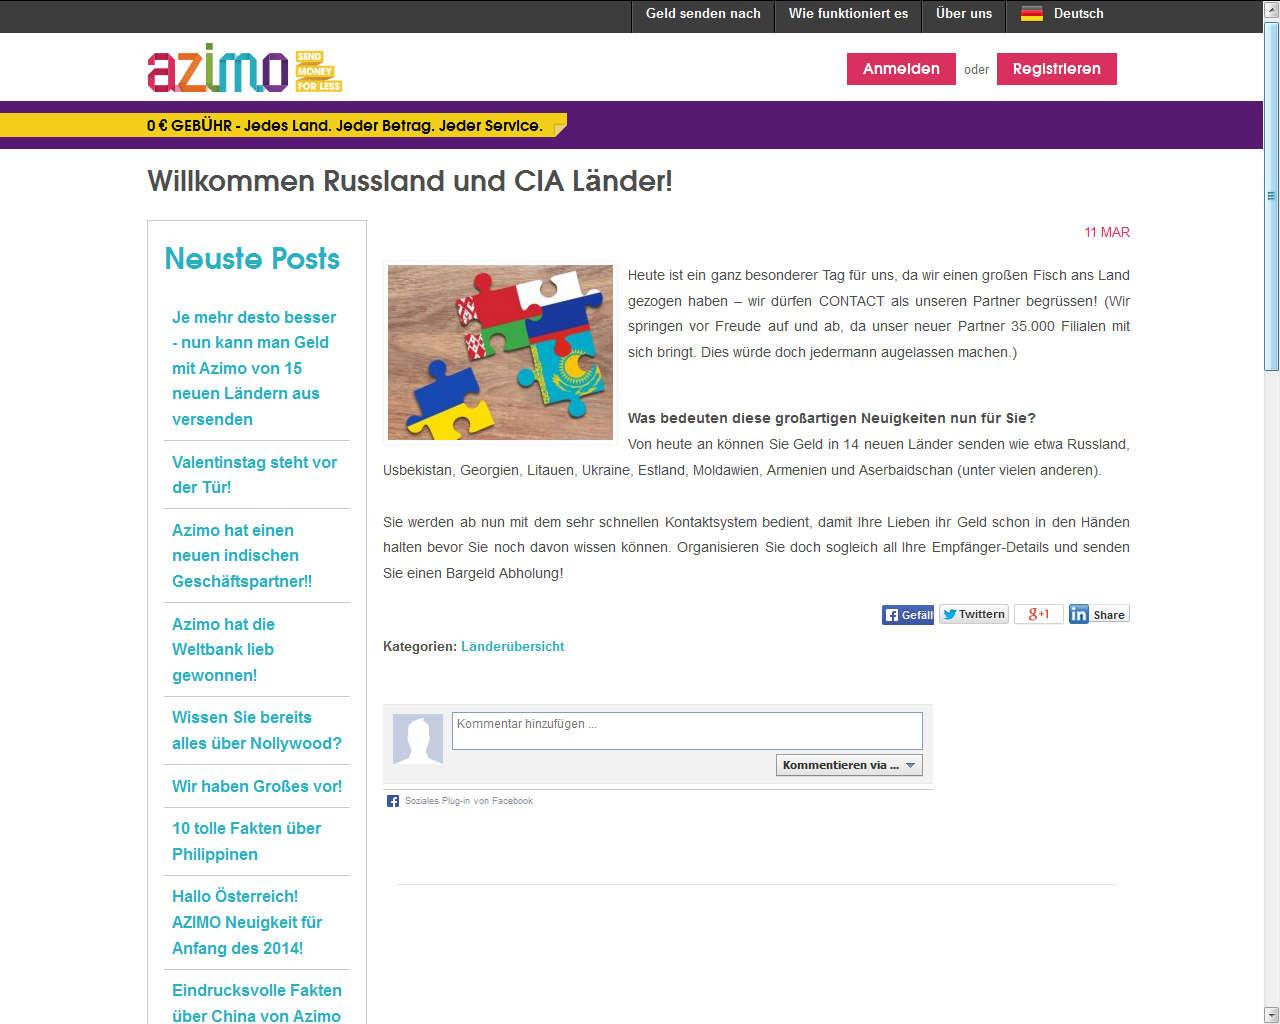 Azimo_Willkommen_Scammer_Paradies.jpg